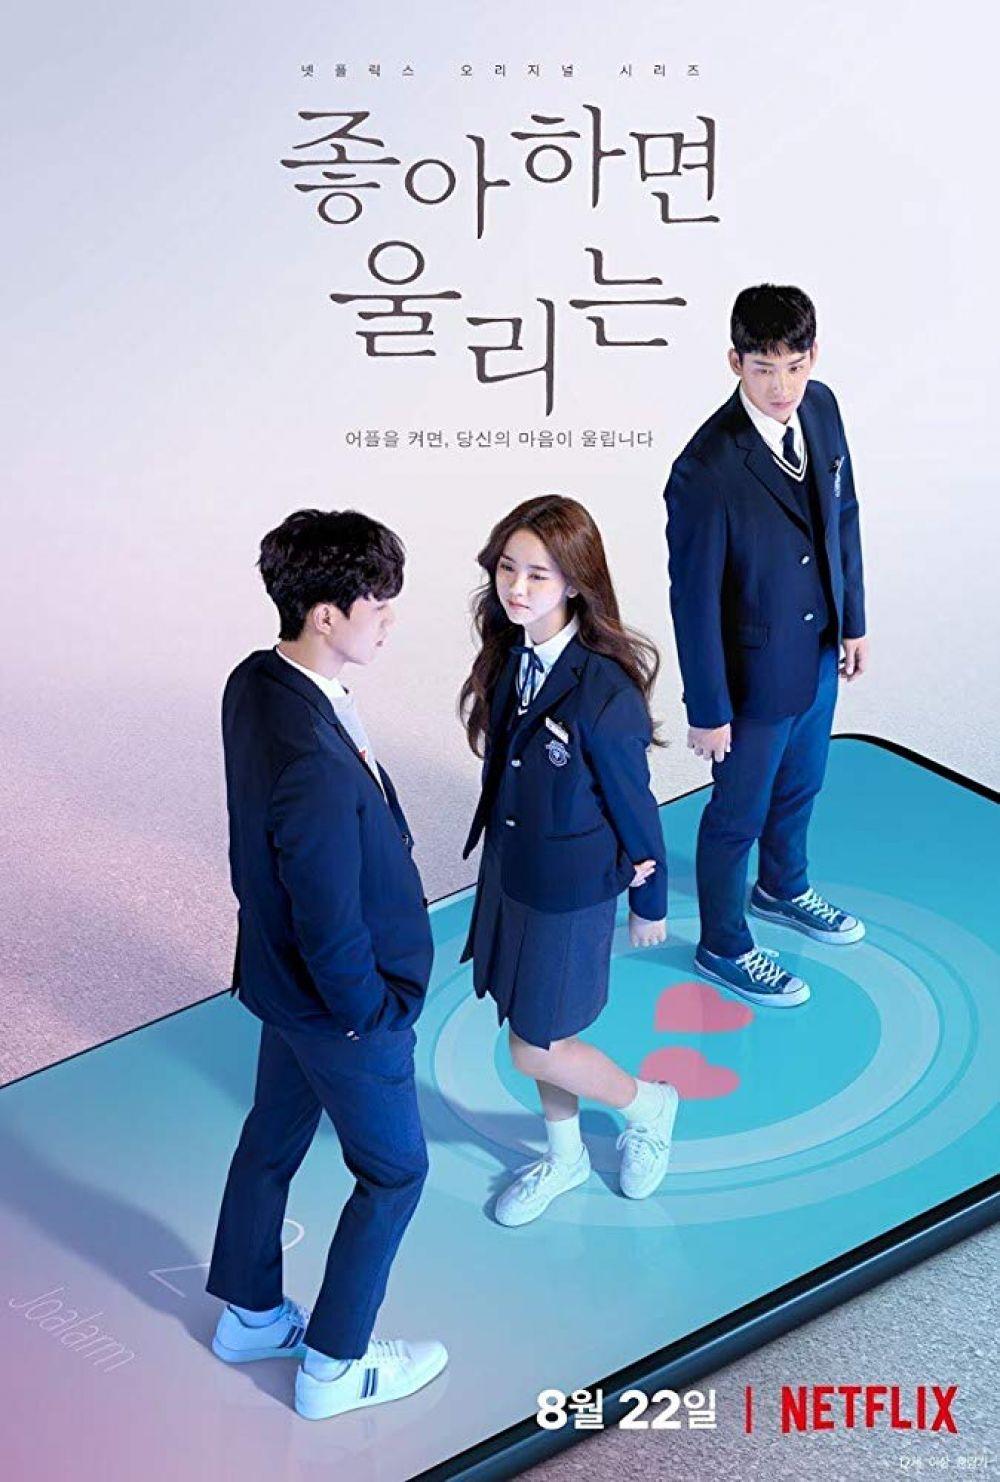 ¿Qué pasará con Kim Jo-jo, Hwang Sun-oh y Lee Hee-young después de la actualización de la app de